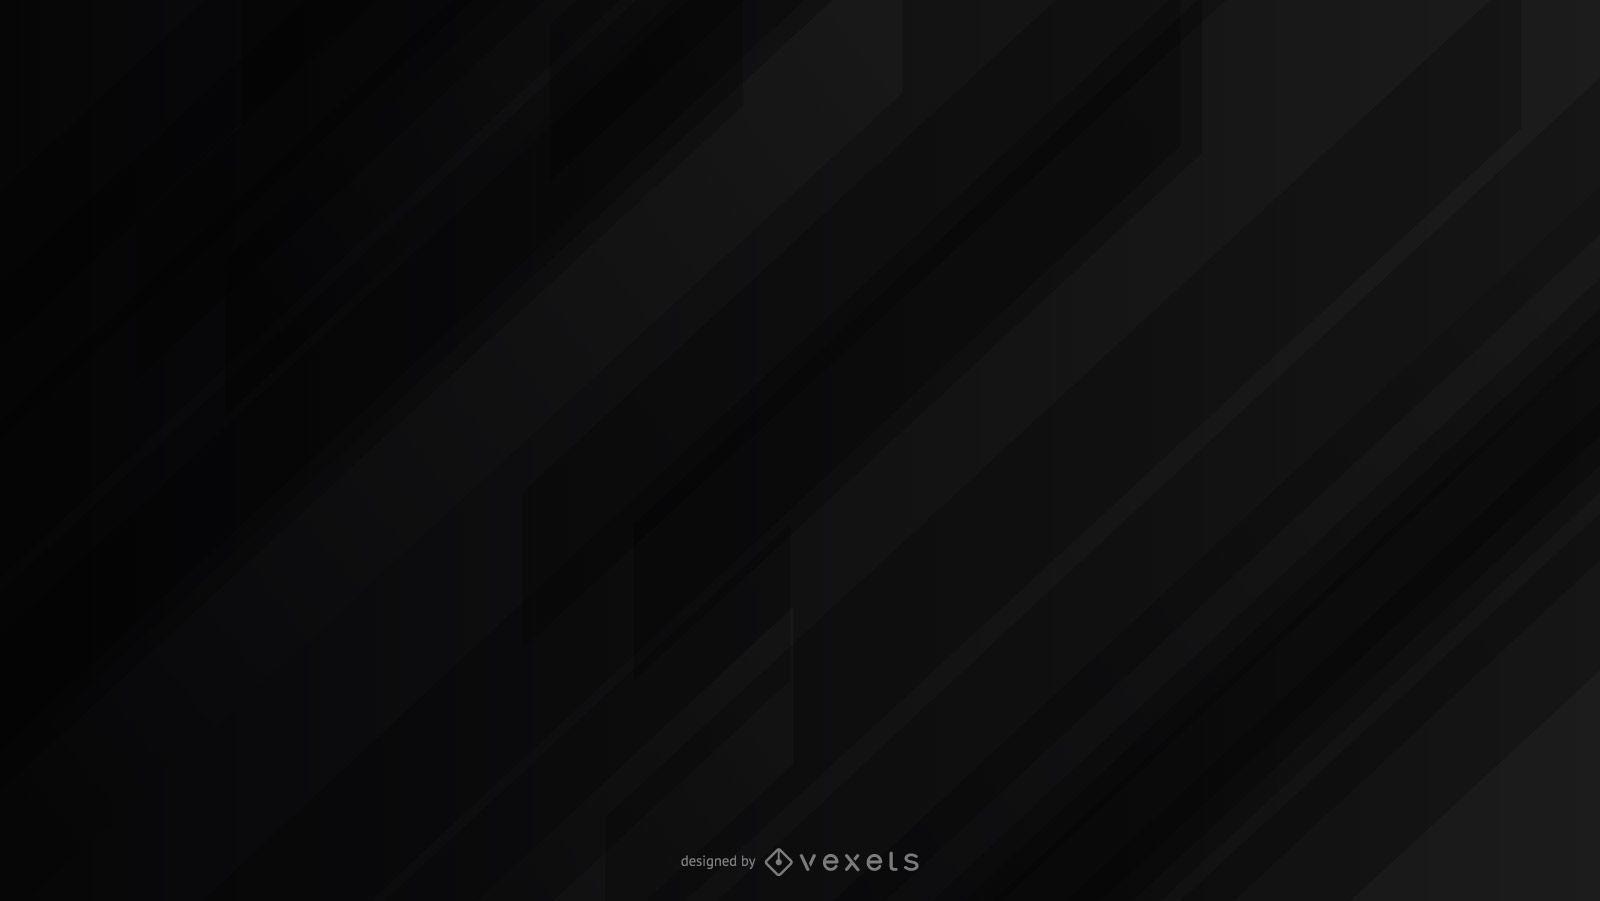 Desenho abstrato de fundo preto